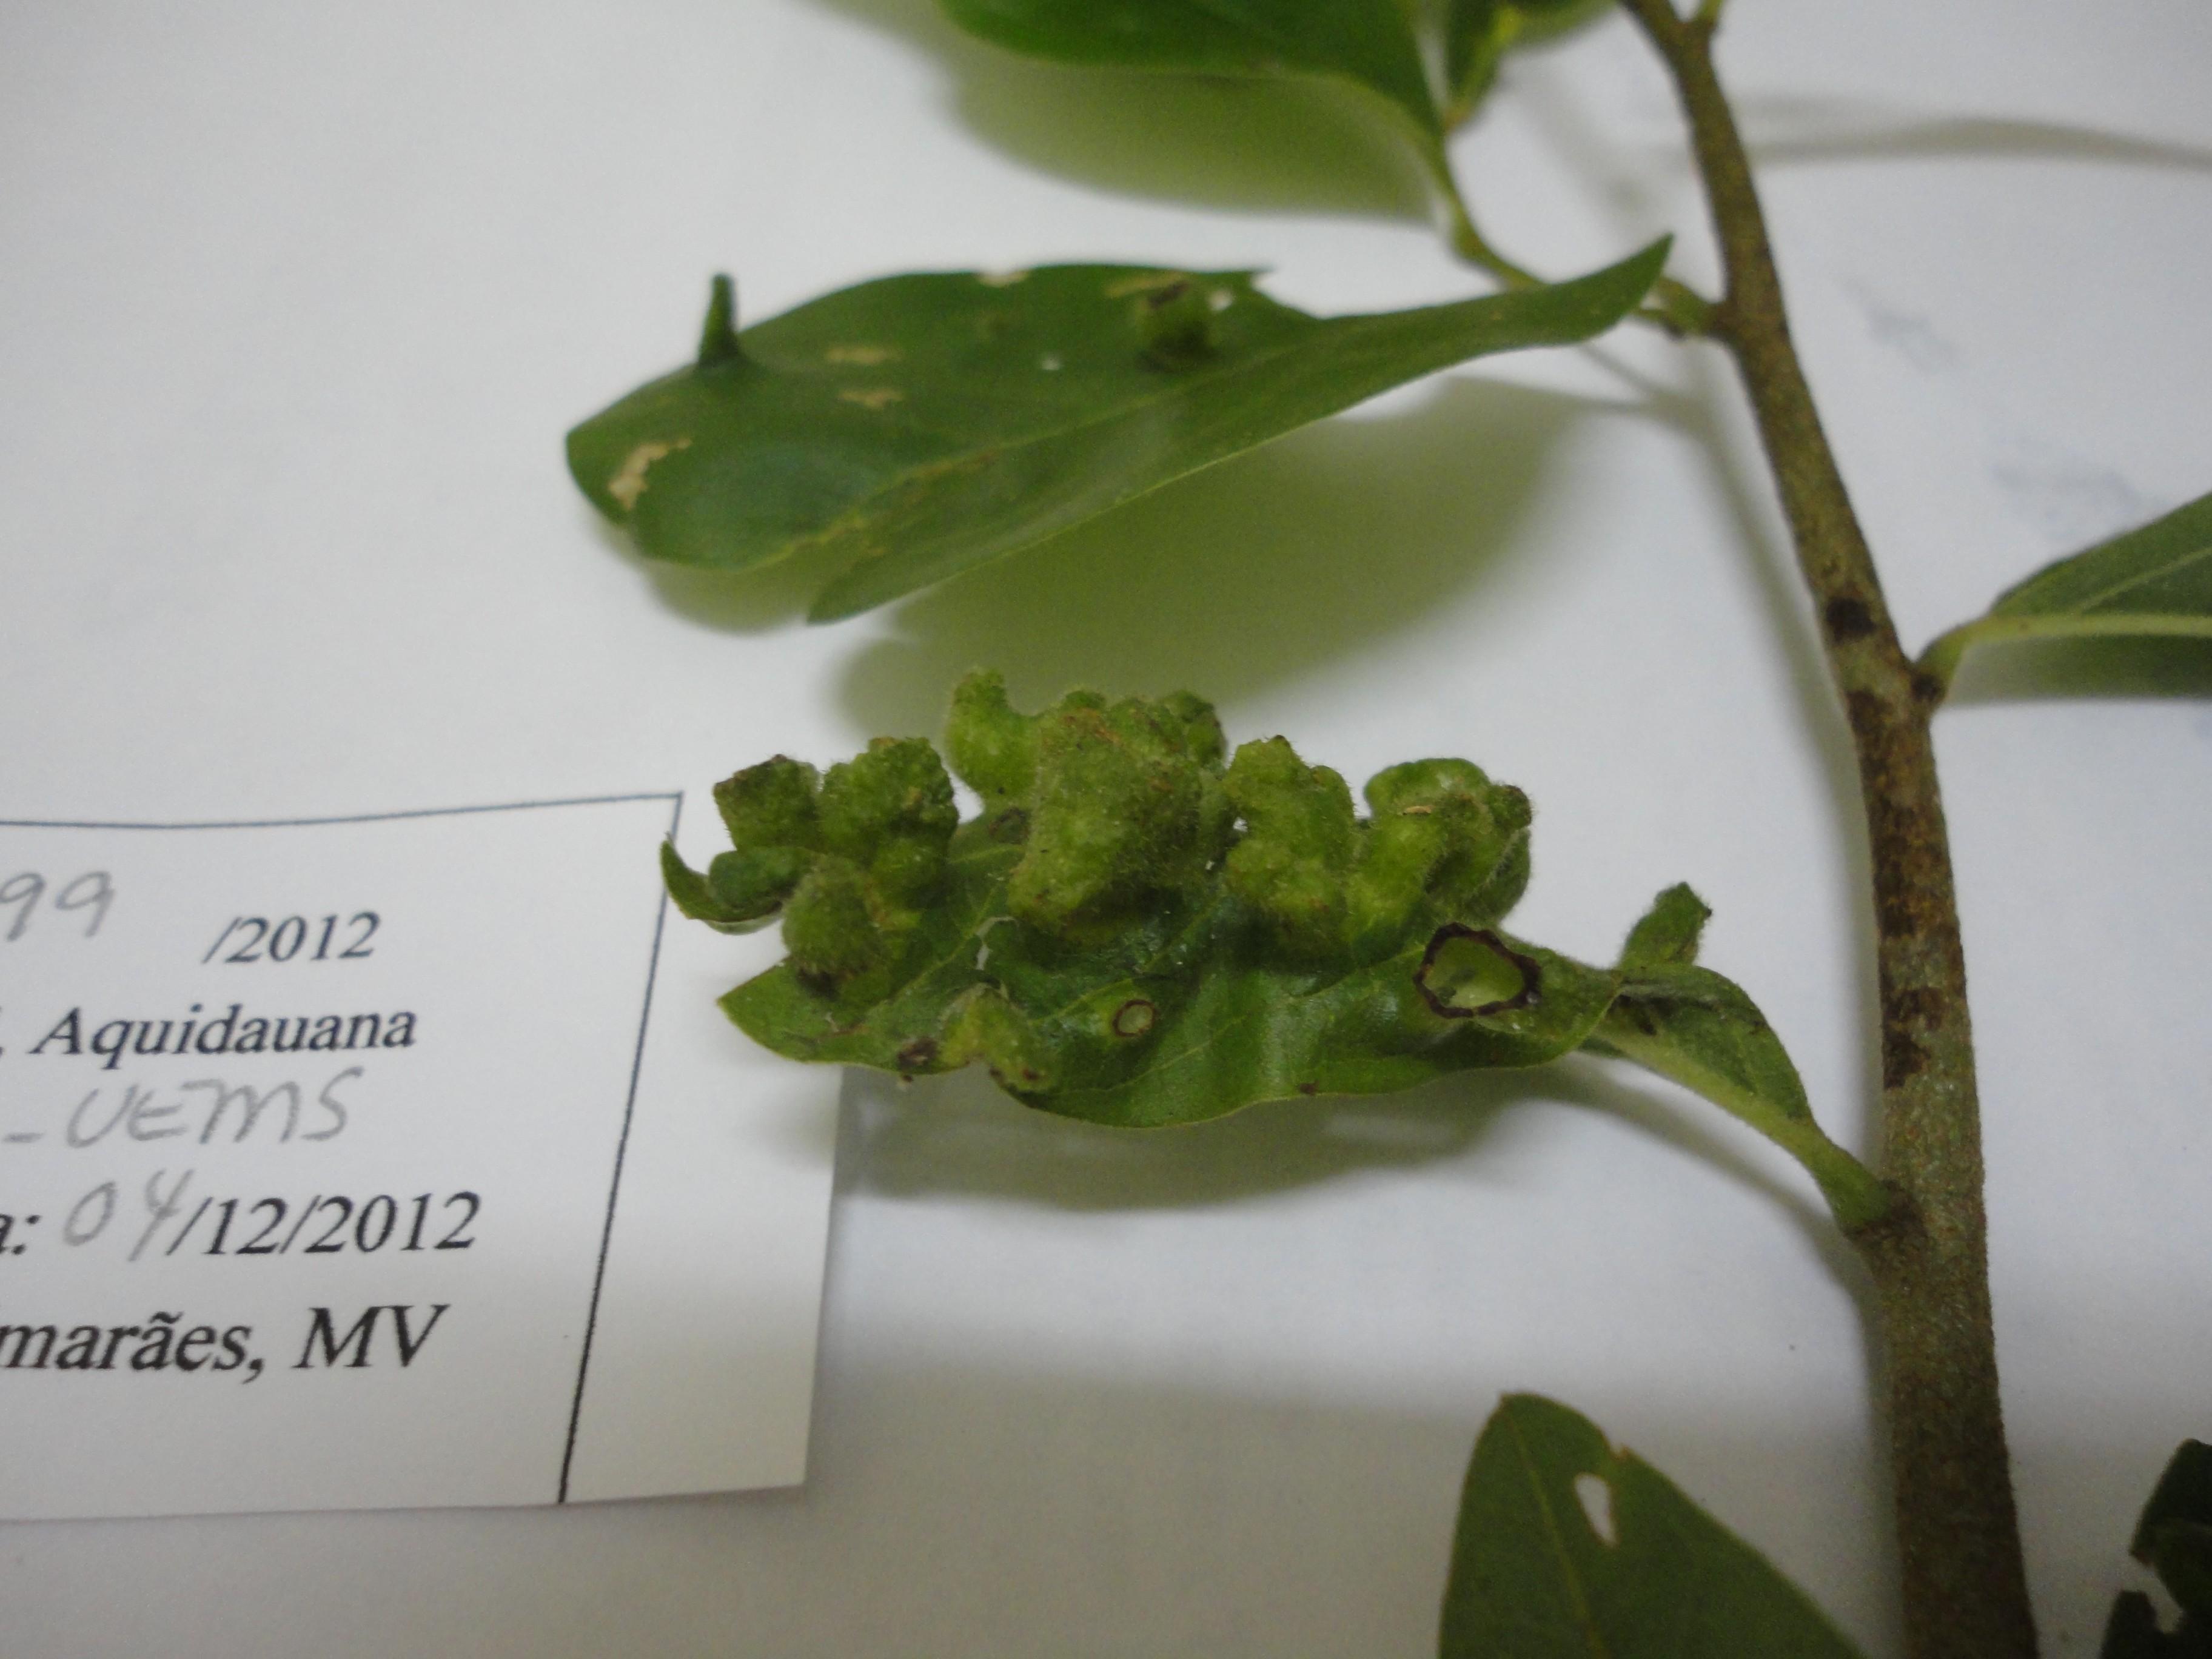 Galhas foliares coletadas no Mato Grosso do Sul em 2012, durante expedição do projeto Sisbiota-Diptera. Material ainda sem identificação (Foto: Divulgação/Maria Virginia Urso-Guimarães)